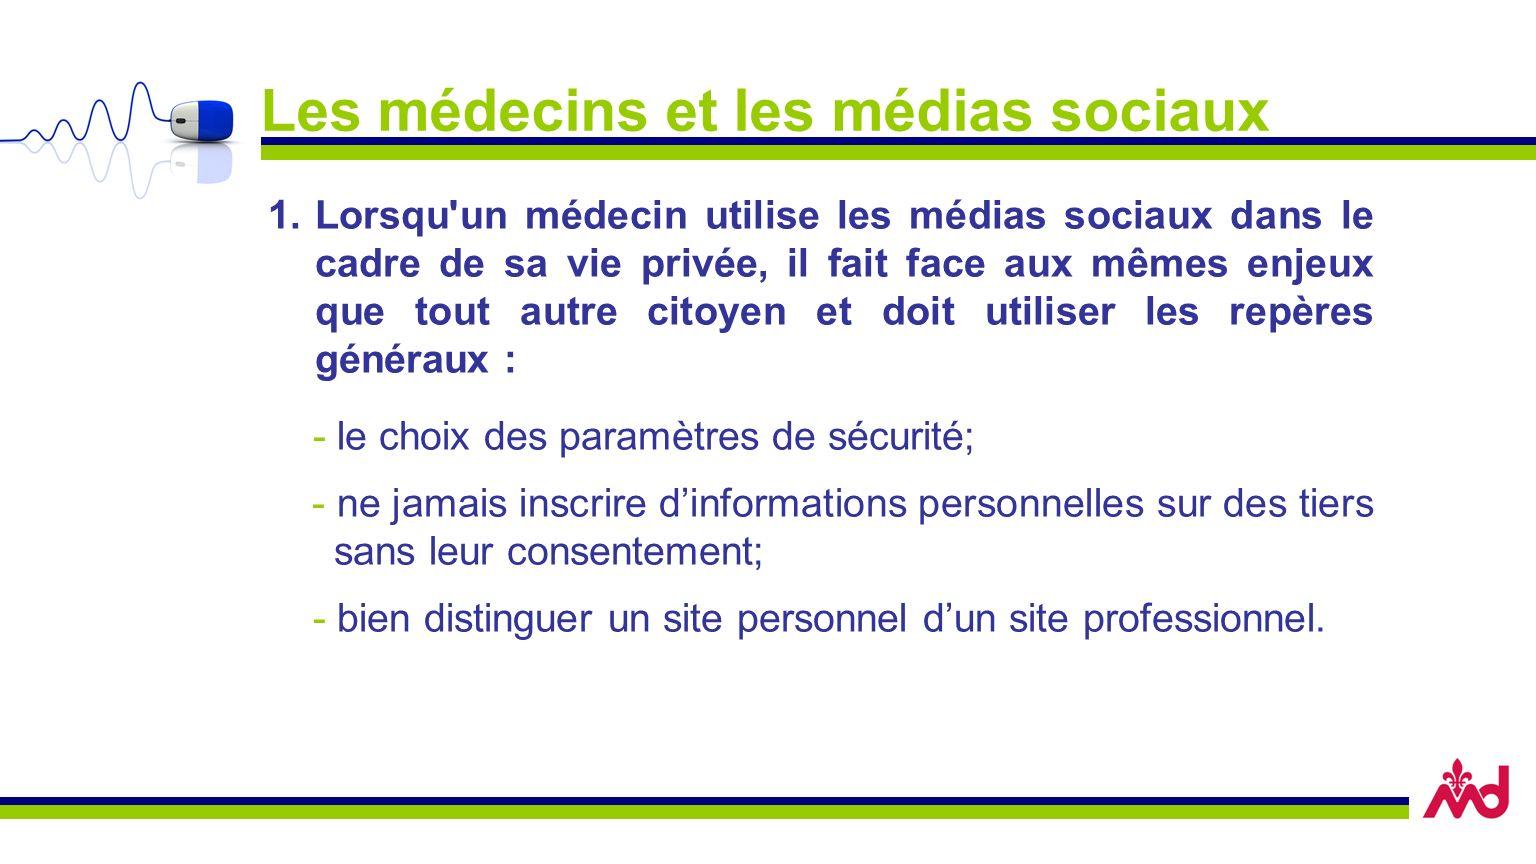 Les médecins et les médias sociaux 1.Lorsqu un médecin utilise les médias sociaux dans le cadre de sa vie privée, il fait face aux mêmes enjeux que tout autre citoyen et doit utiliser les repères généraux : - le choix des paramètres de sécurité; - ne jamais inscrire dinformations personnelles sur des tiers sans leur consentement; - bien distinguer un site personnel dun site professionnel.